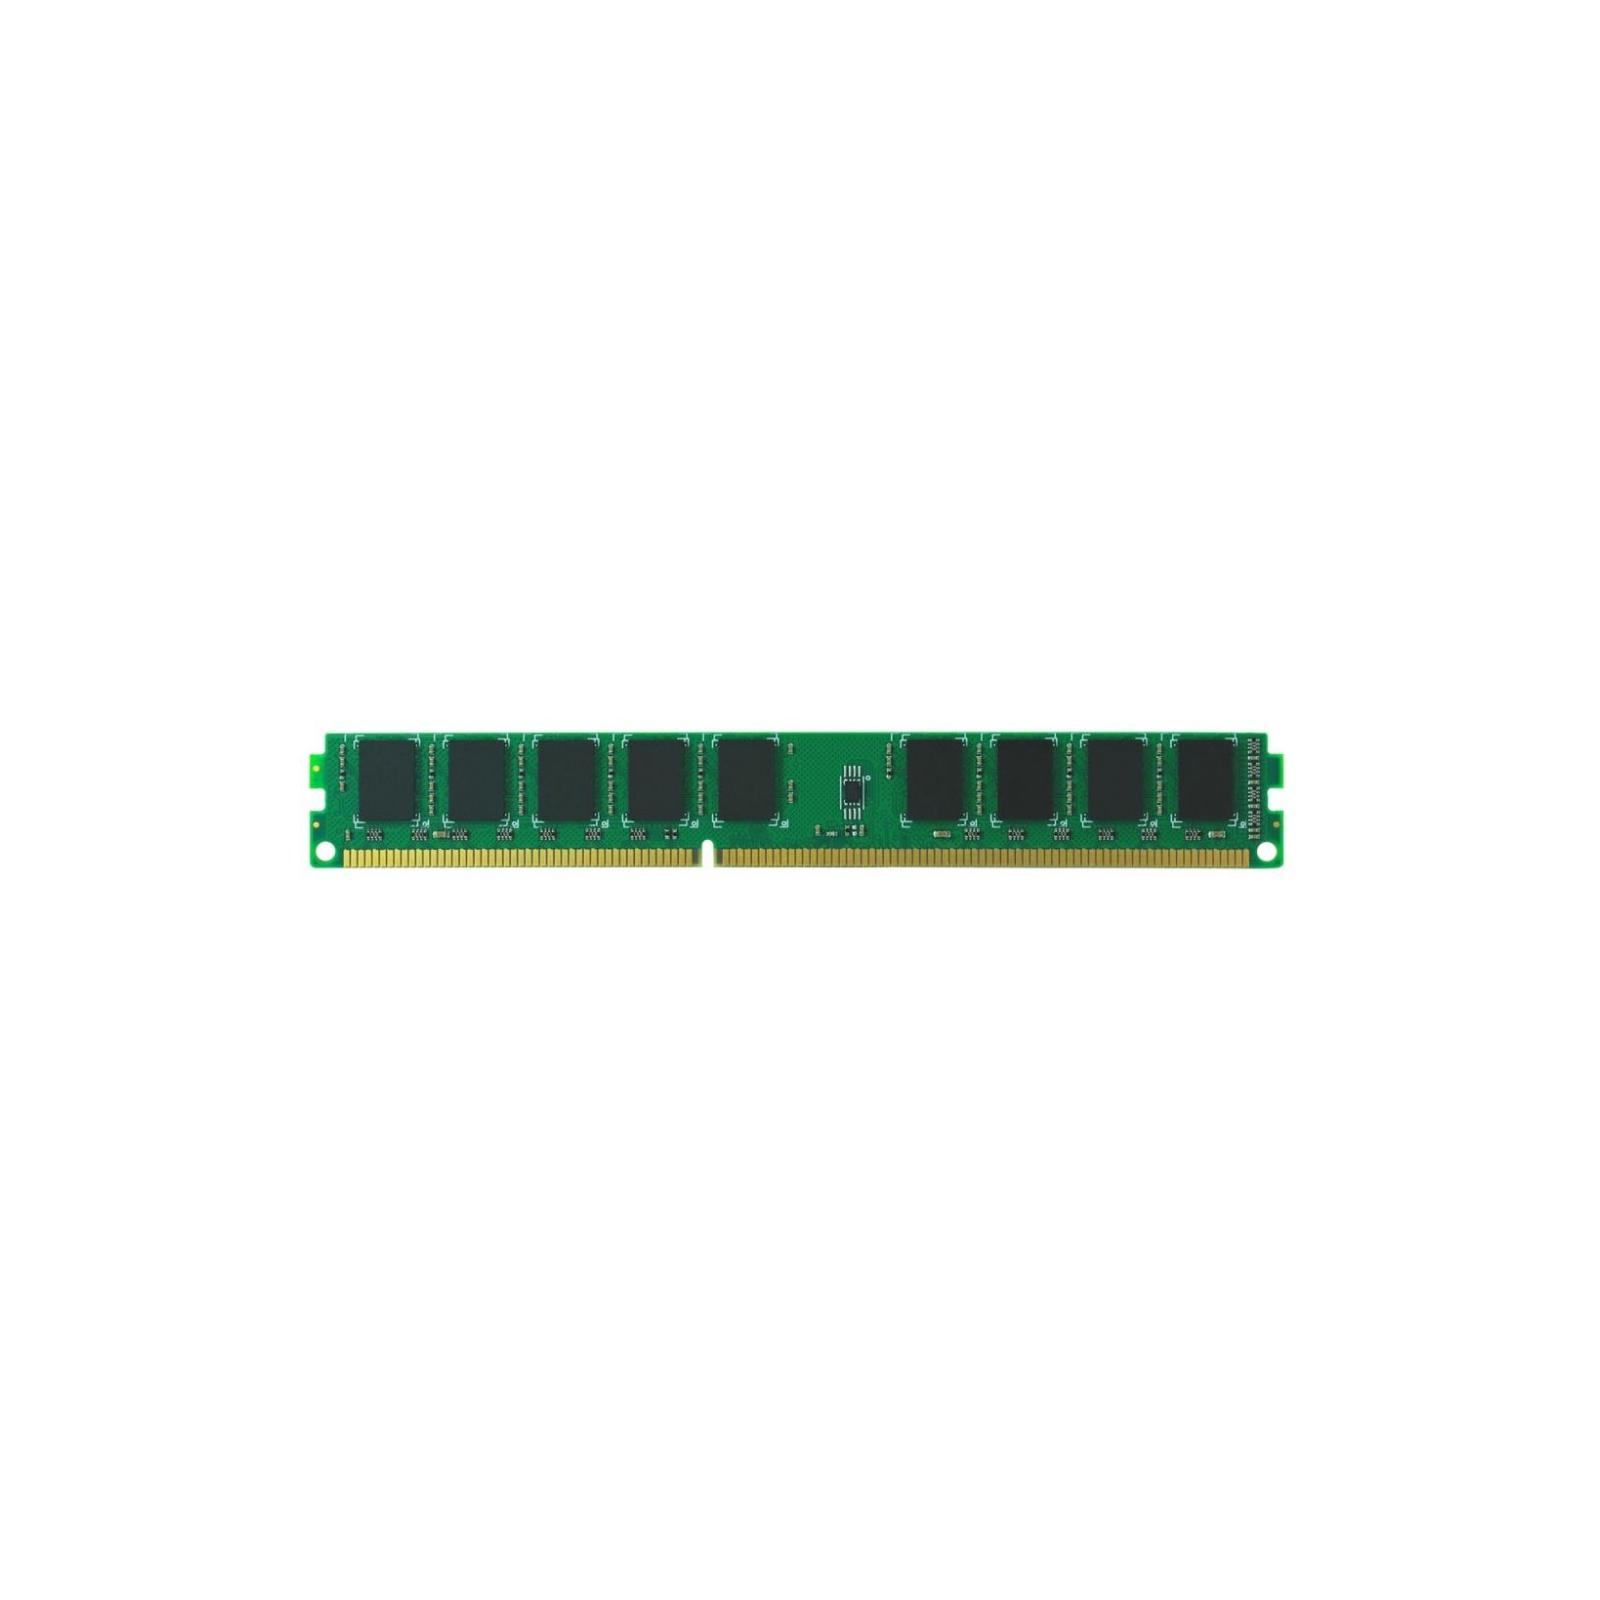 Модуль памяти для сервера DDR3 8GB ECC UDIMM 1600MHz 2Rx8 1.35 CL11 Goodram (W-MEM16E3D88GL)